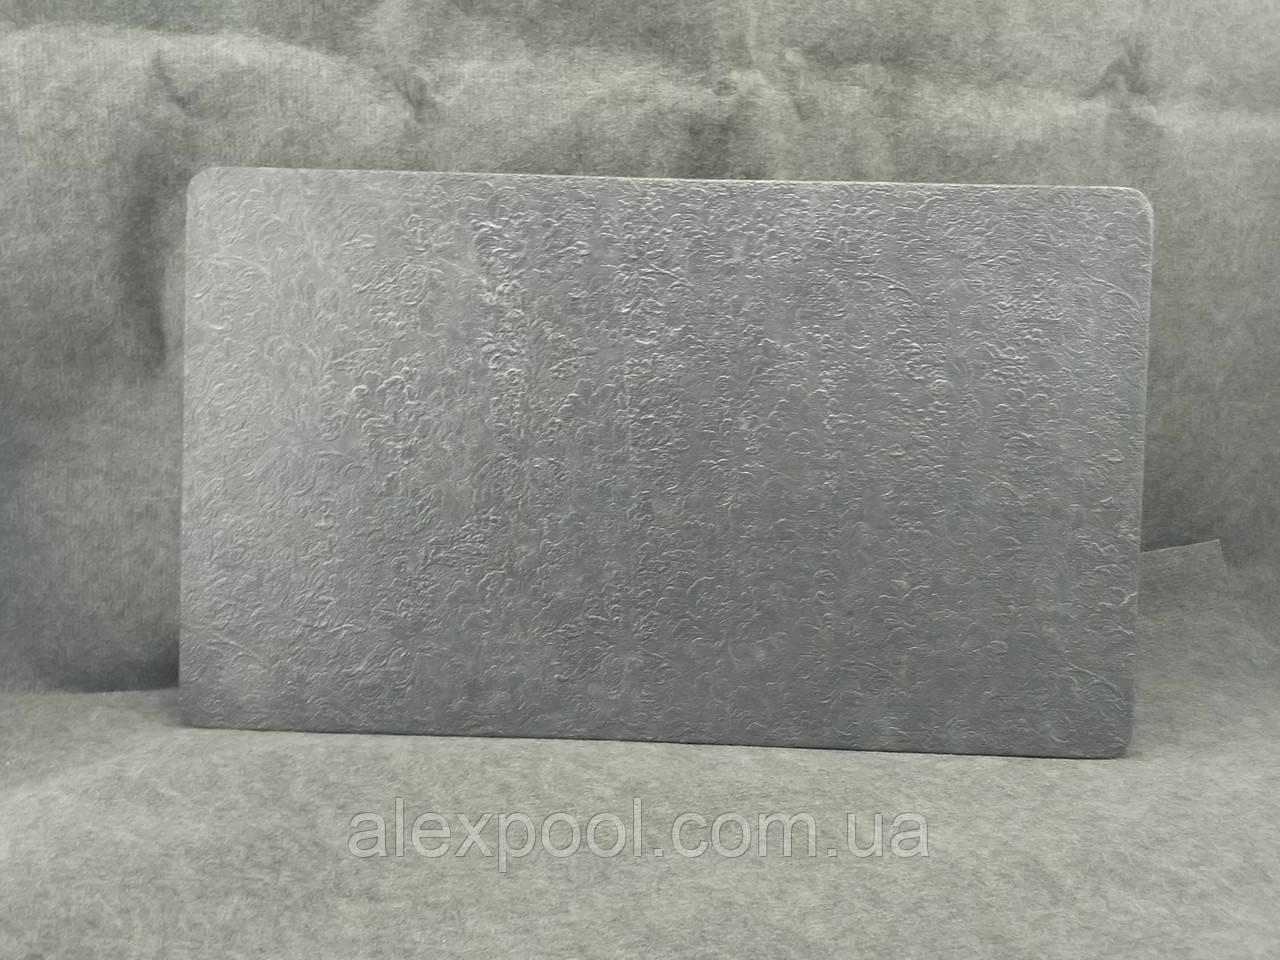 Філігрі попелястий 1587GK5FIJA843